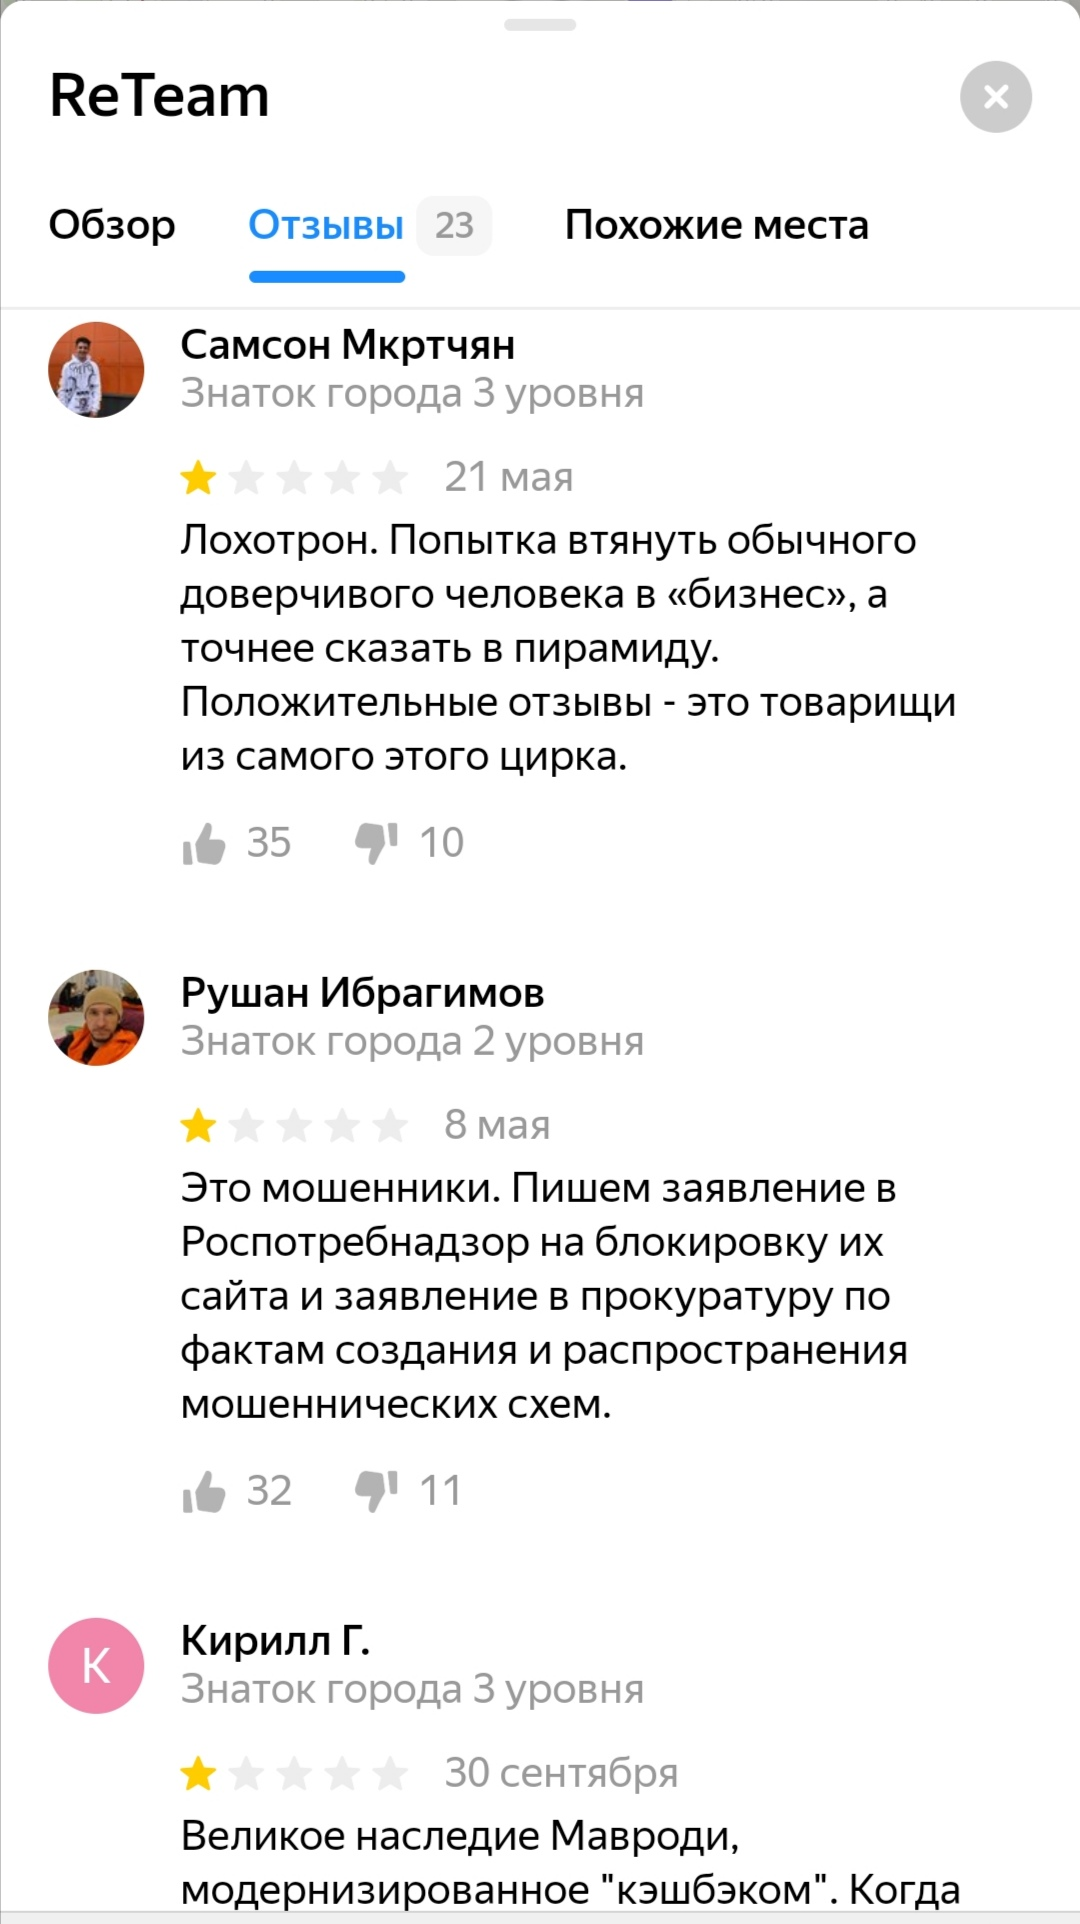 Мнение пользователей о ReTeam